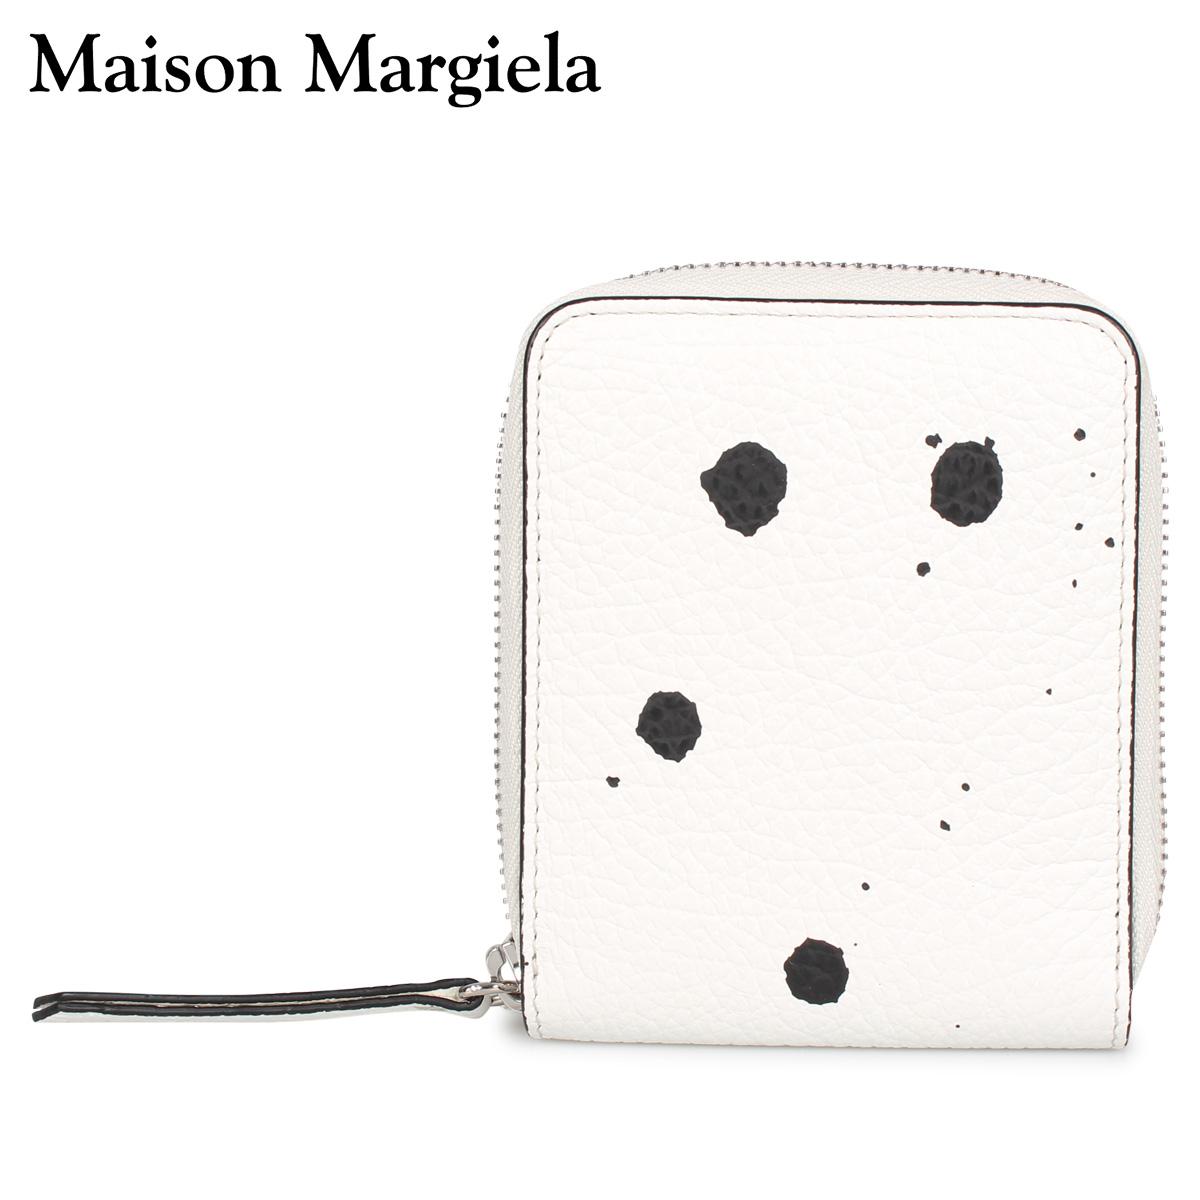 MAISON MARGIELA メゾンマルジェラ 財布 二つ折り ミニ財布 ラウンドファスナー メンズ レディース WALLET ホワイト 白 S56UI0111 [4/15 新入荷]